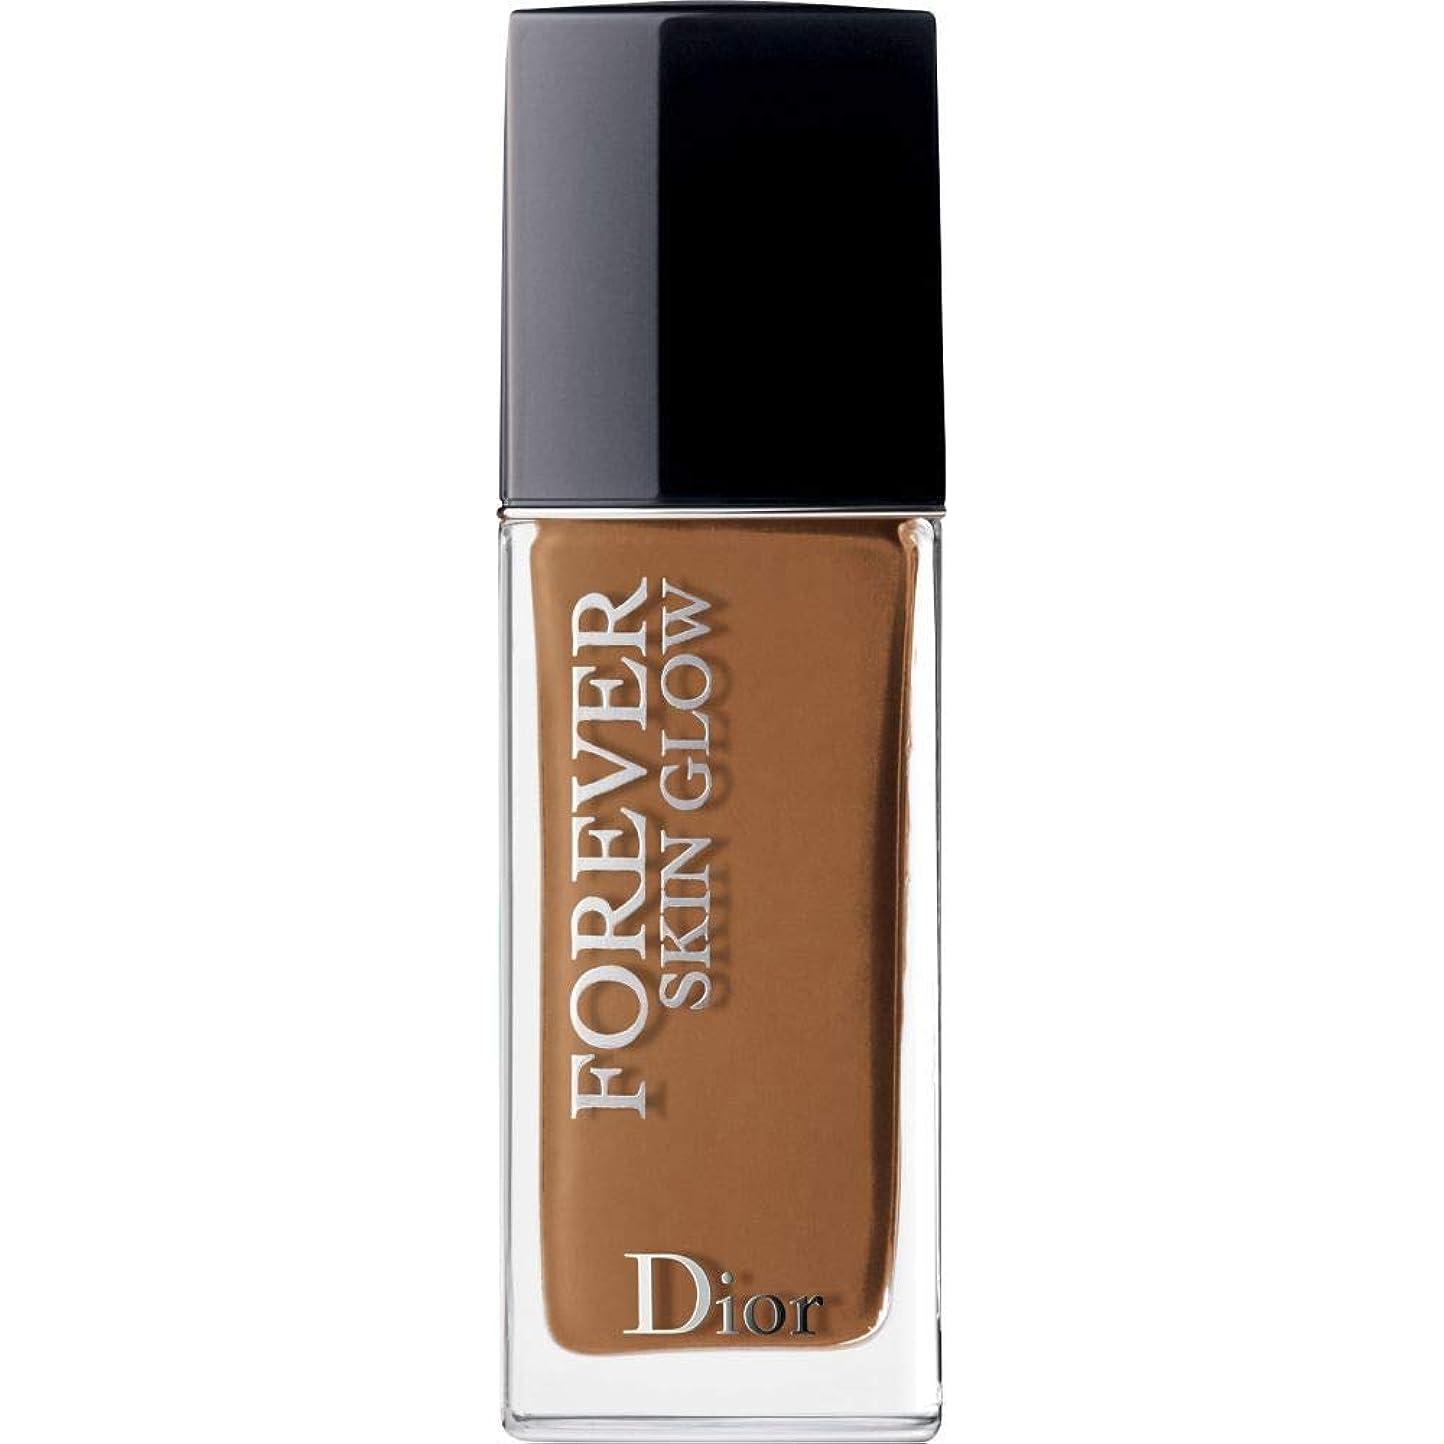 南極重荷温かい[Dior ] ディオール永遠に皮膚グロー皮膚思いやりの基礎Spf35 30ミリリットルの7N - ニュートラル(肌の輝き) - DIOR Forever Skin Glow Skin-Caring Foundation SPF35 30ml 7N - Neutral (Skin Glow) [並行輸入品]